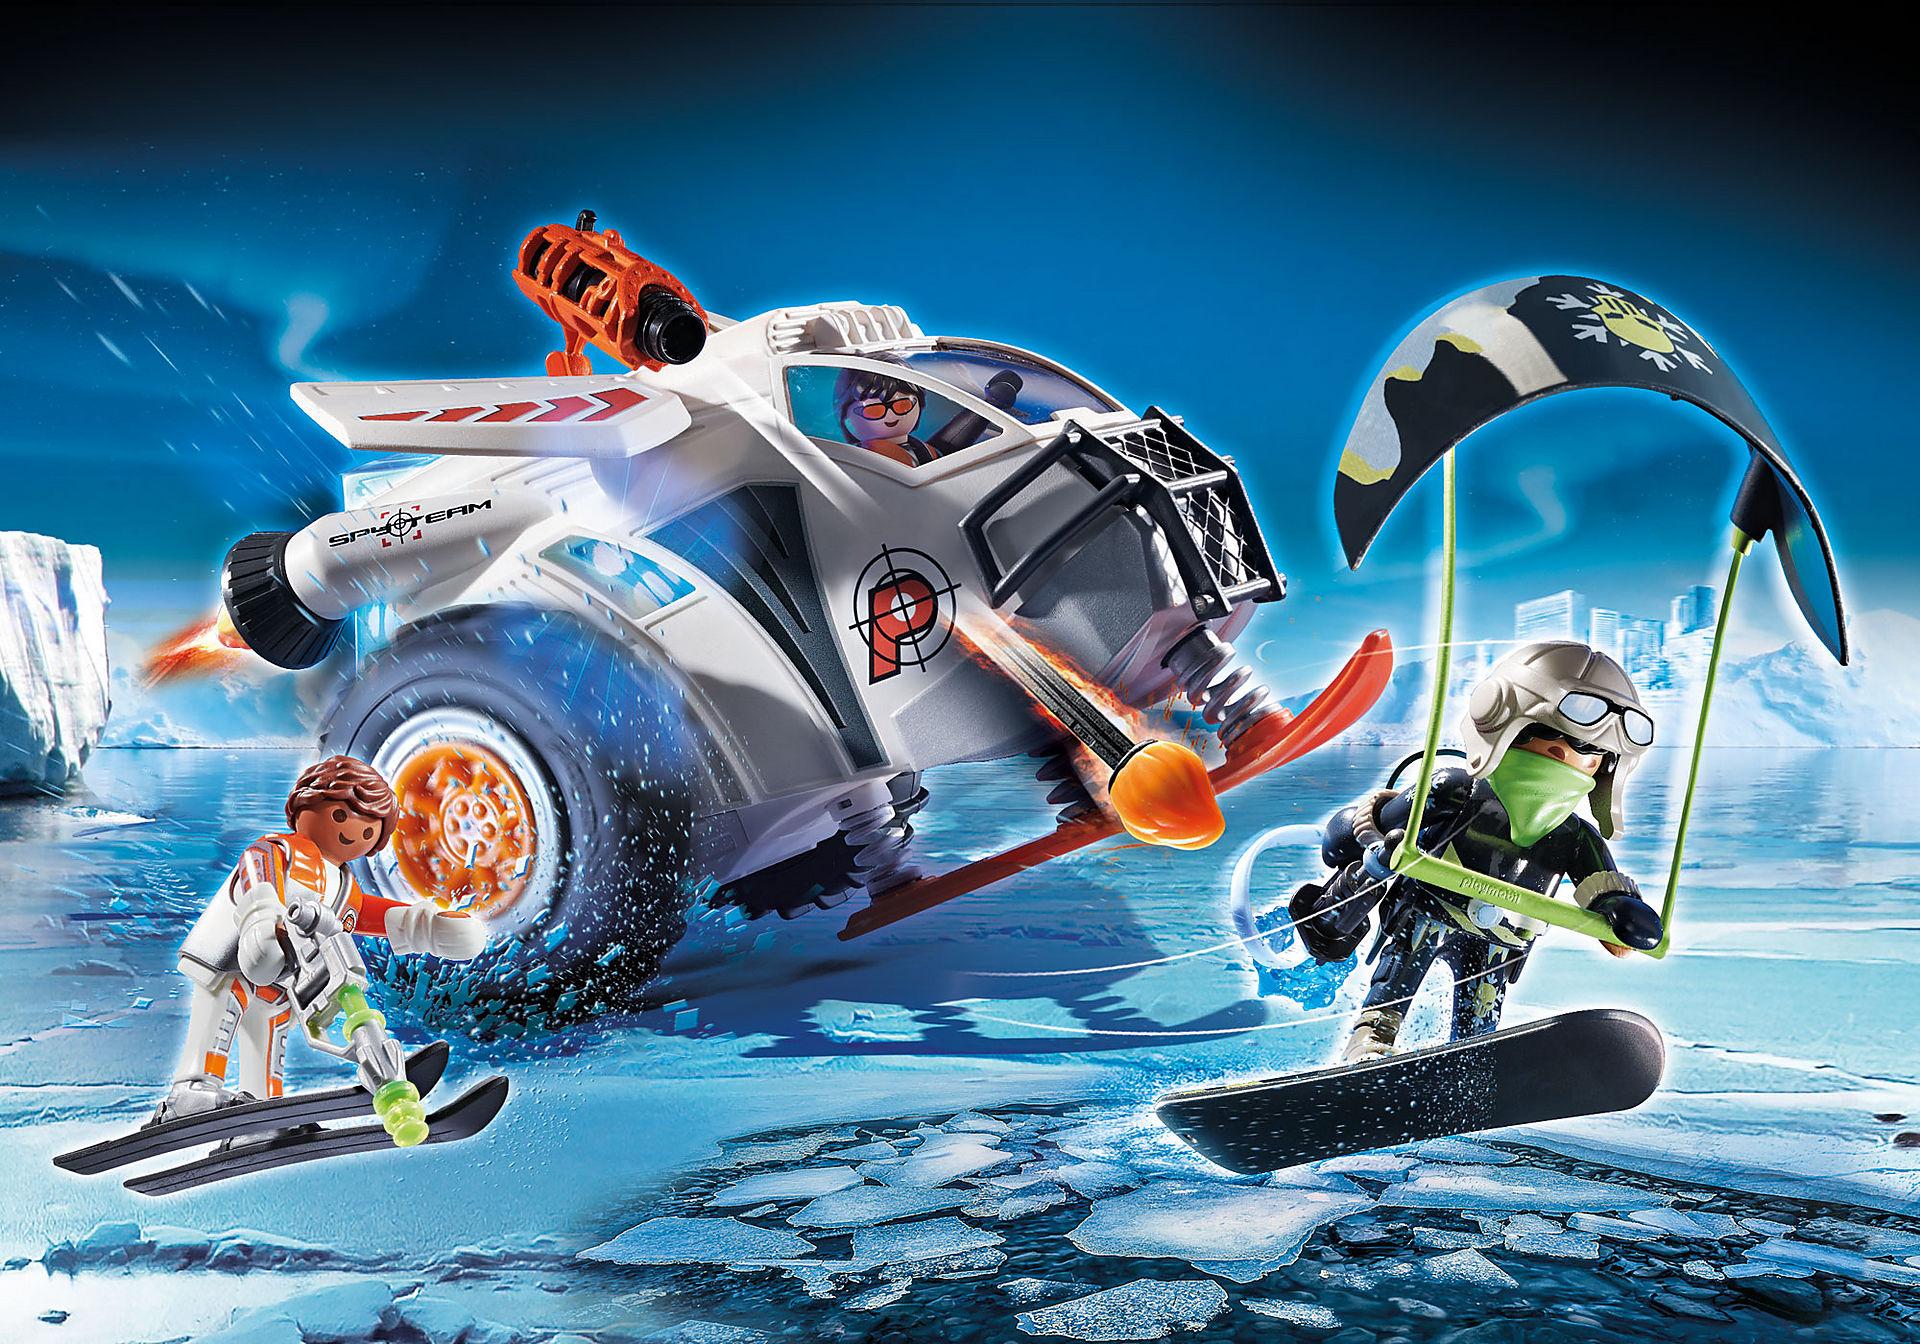 70231 Spy Team Pojazd śnieżny zoom image1